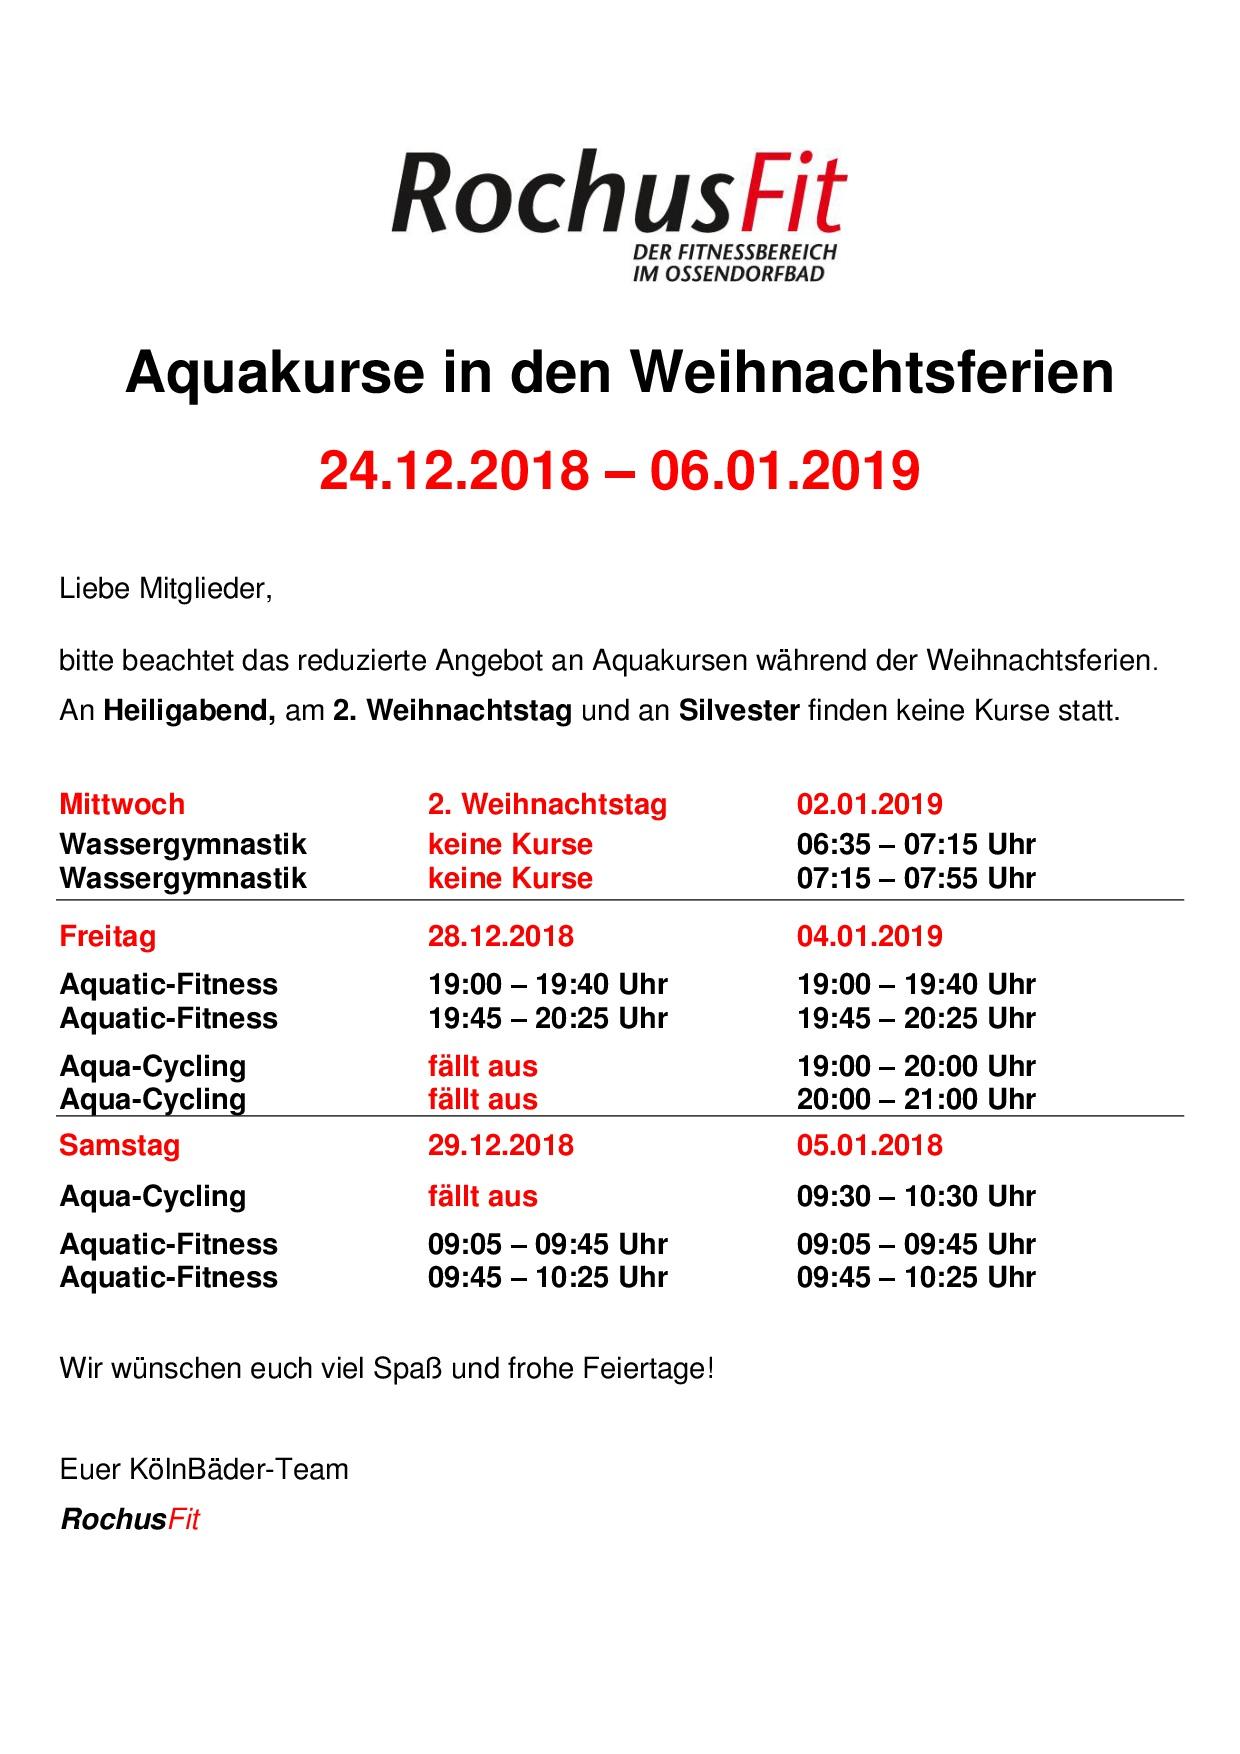 Wie Fällt Weihnachten 2019.Weihnachten 18 Kölnbäder Gmbh